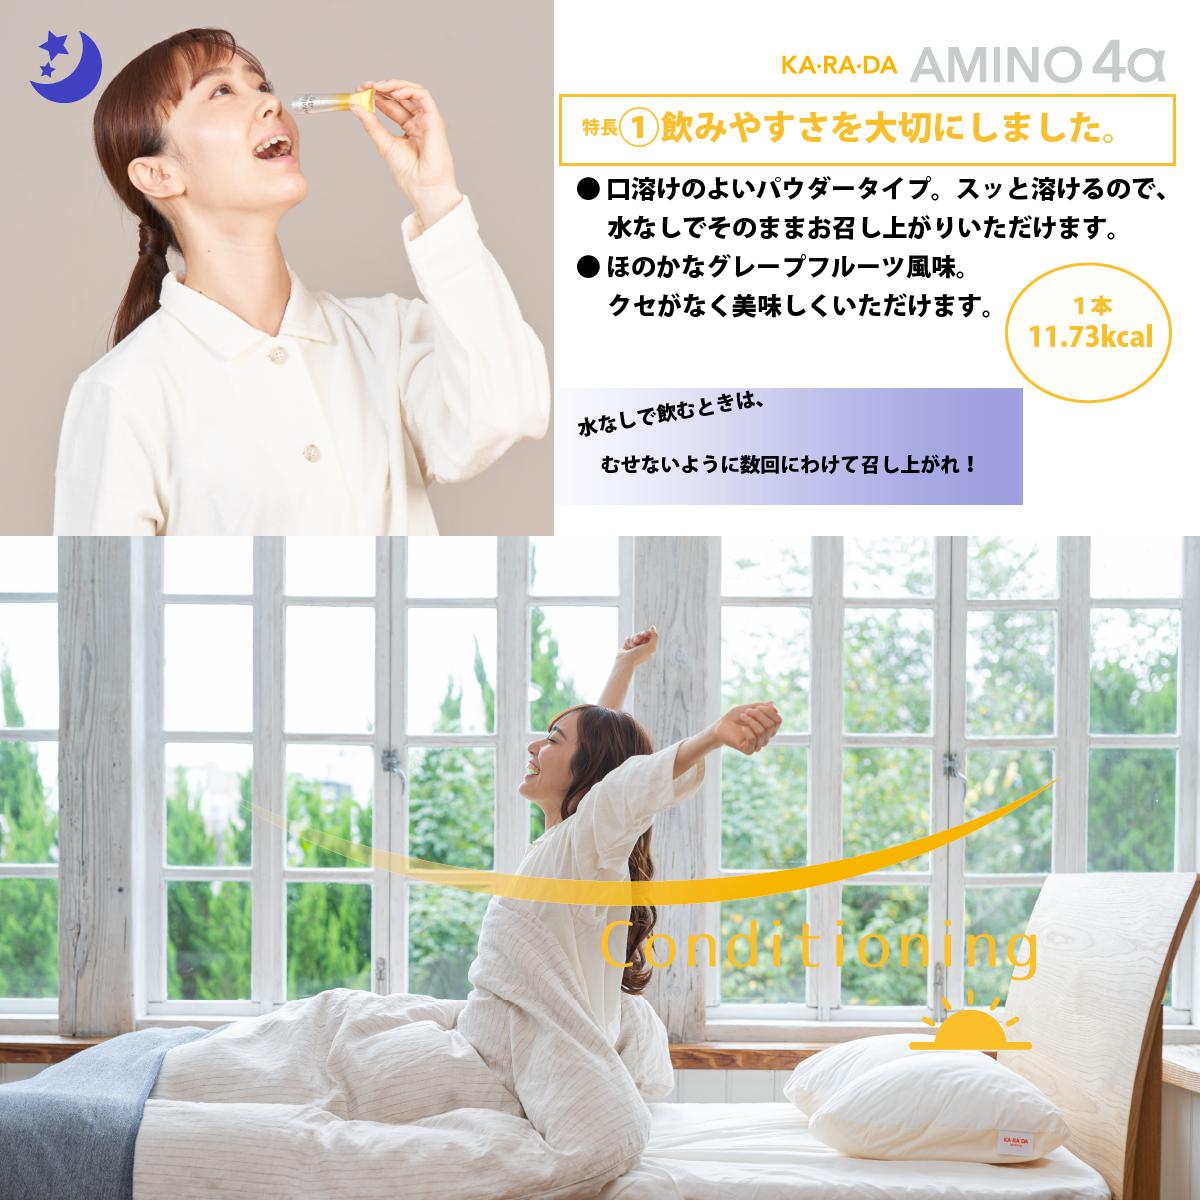 アミノ酸画像7